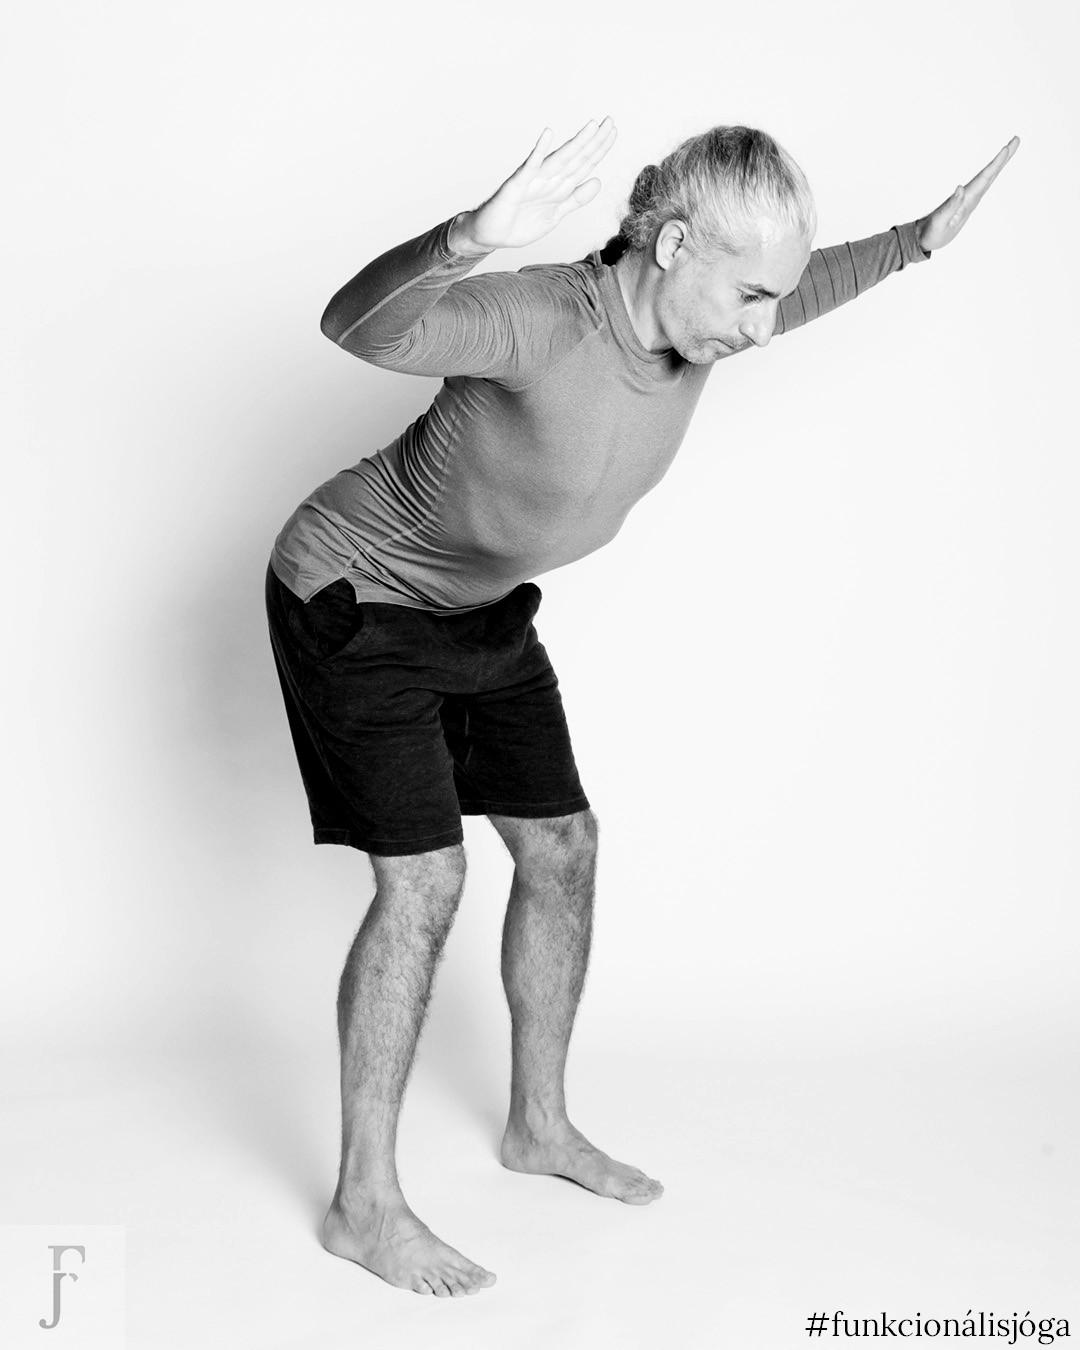 állva törzscsavarás 45 fokos szögben funkcionális jóga gyakorlat hátfájásra 1